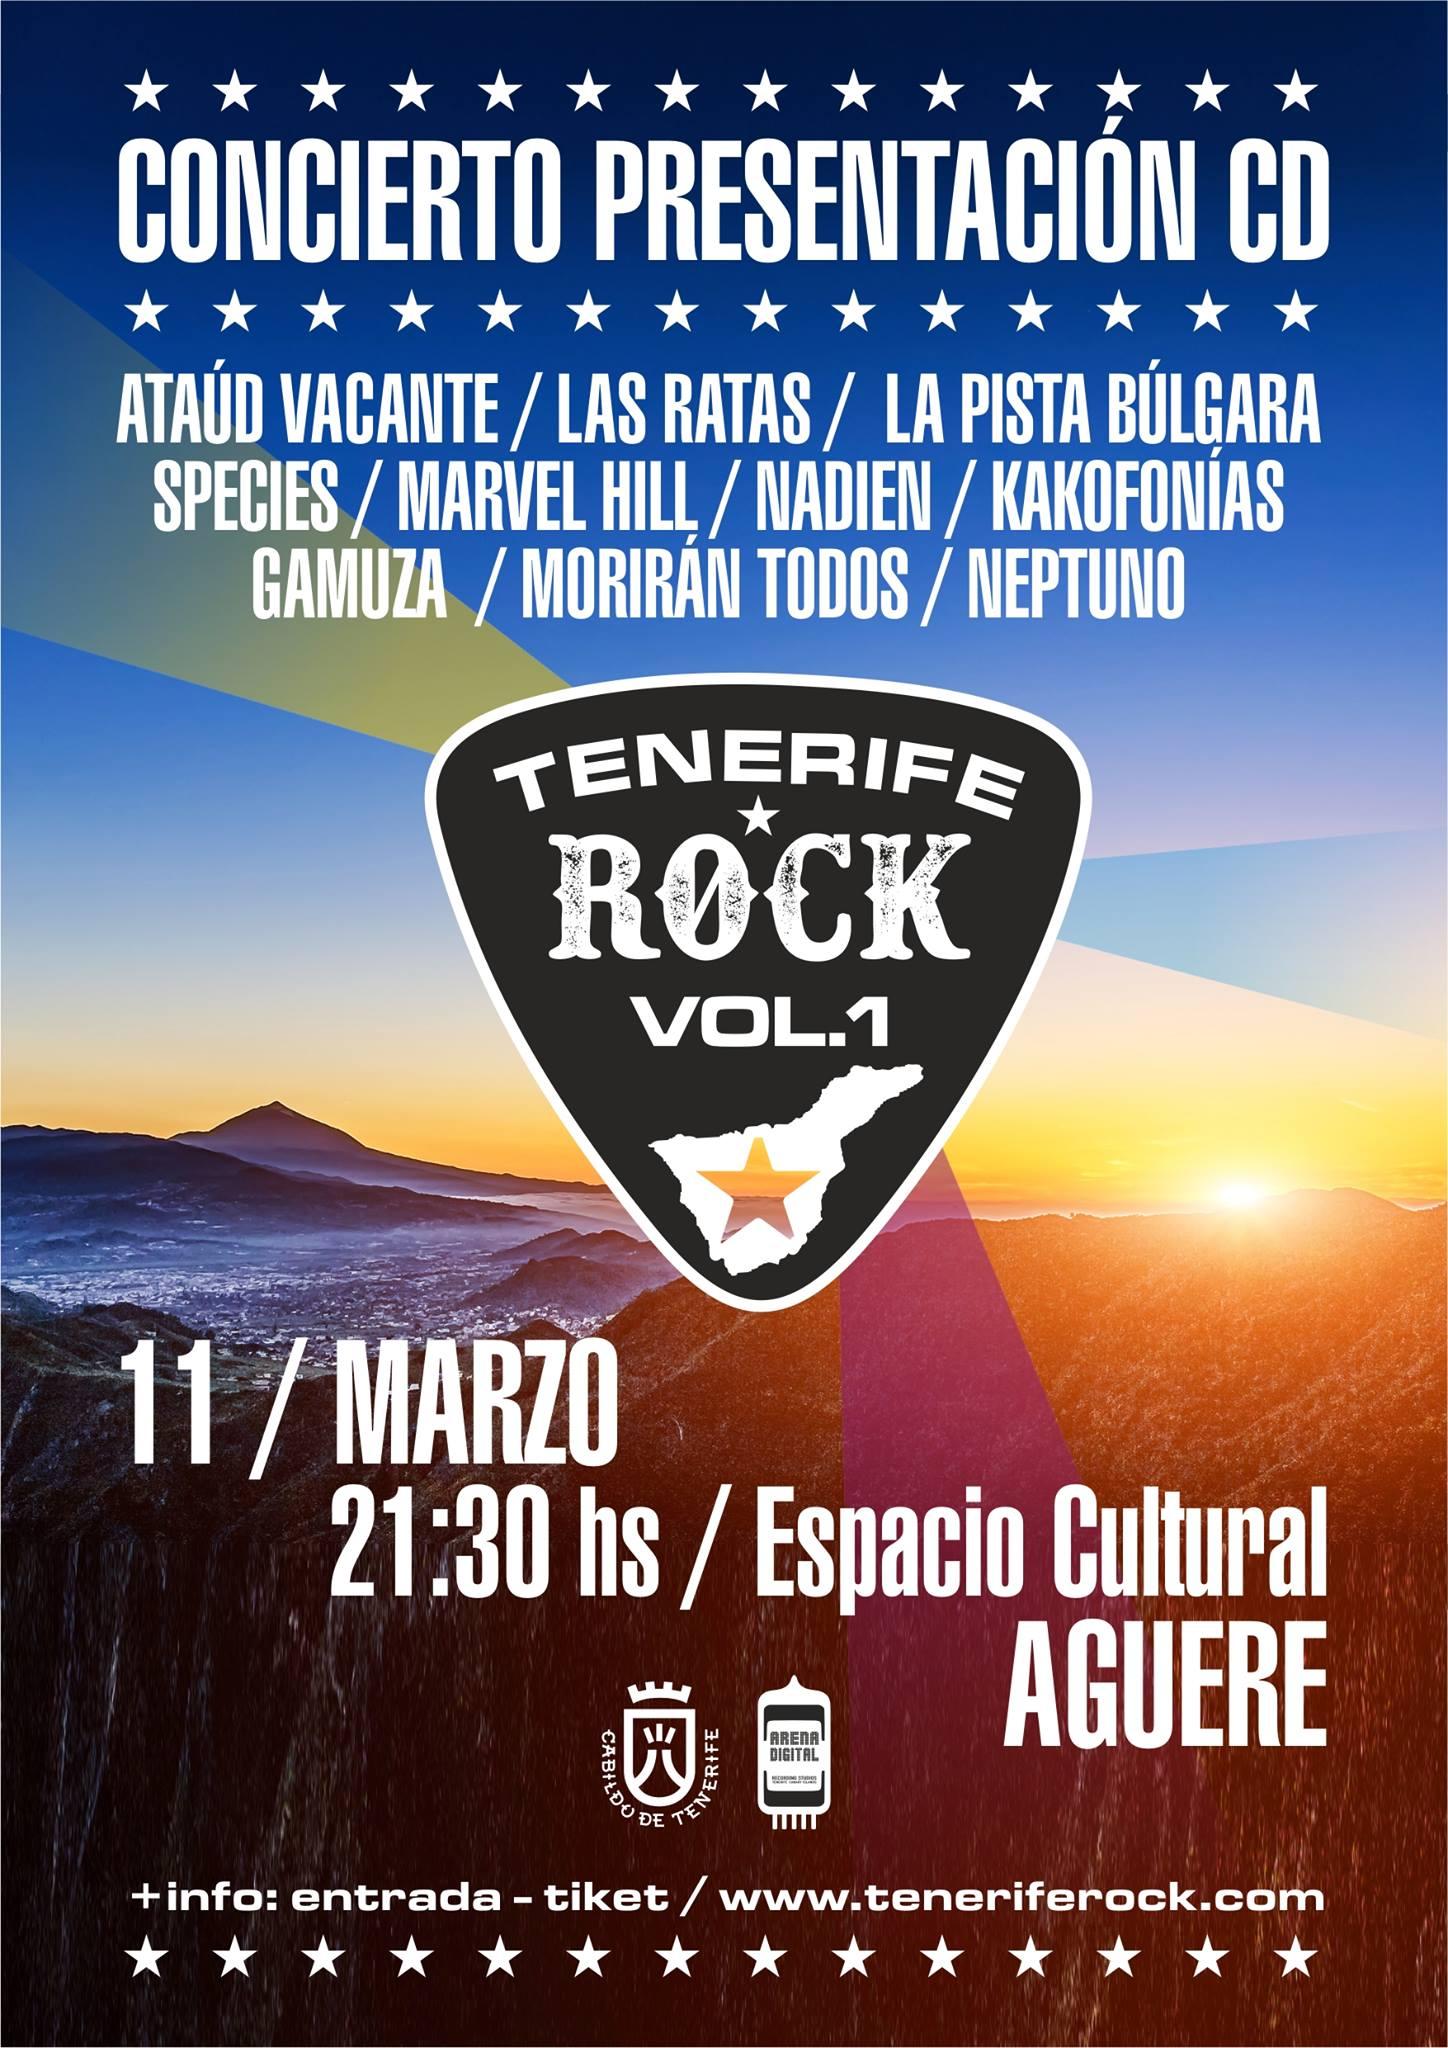 Tenerife Rock Vol. 1 será presentado el próximo 11 de marzo